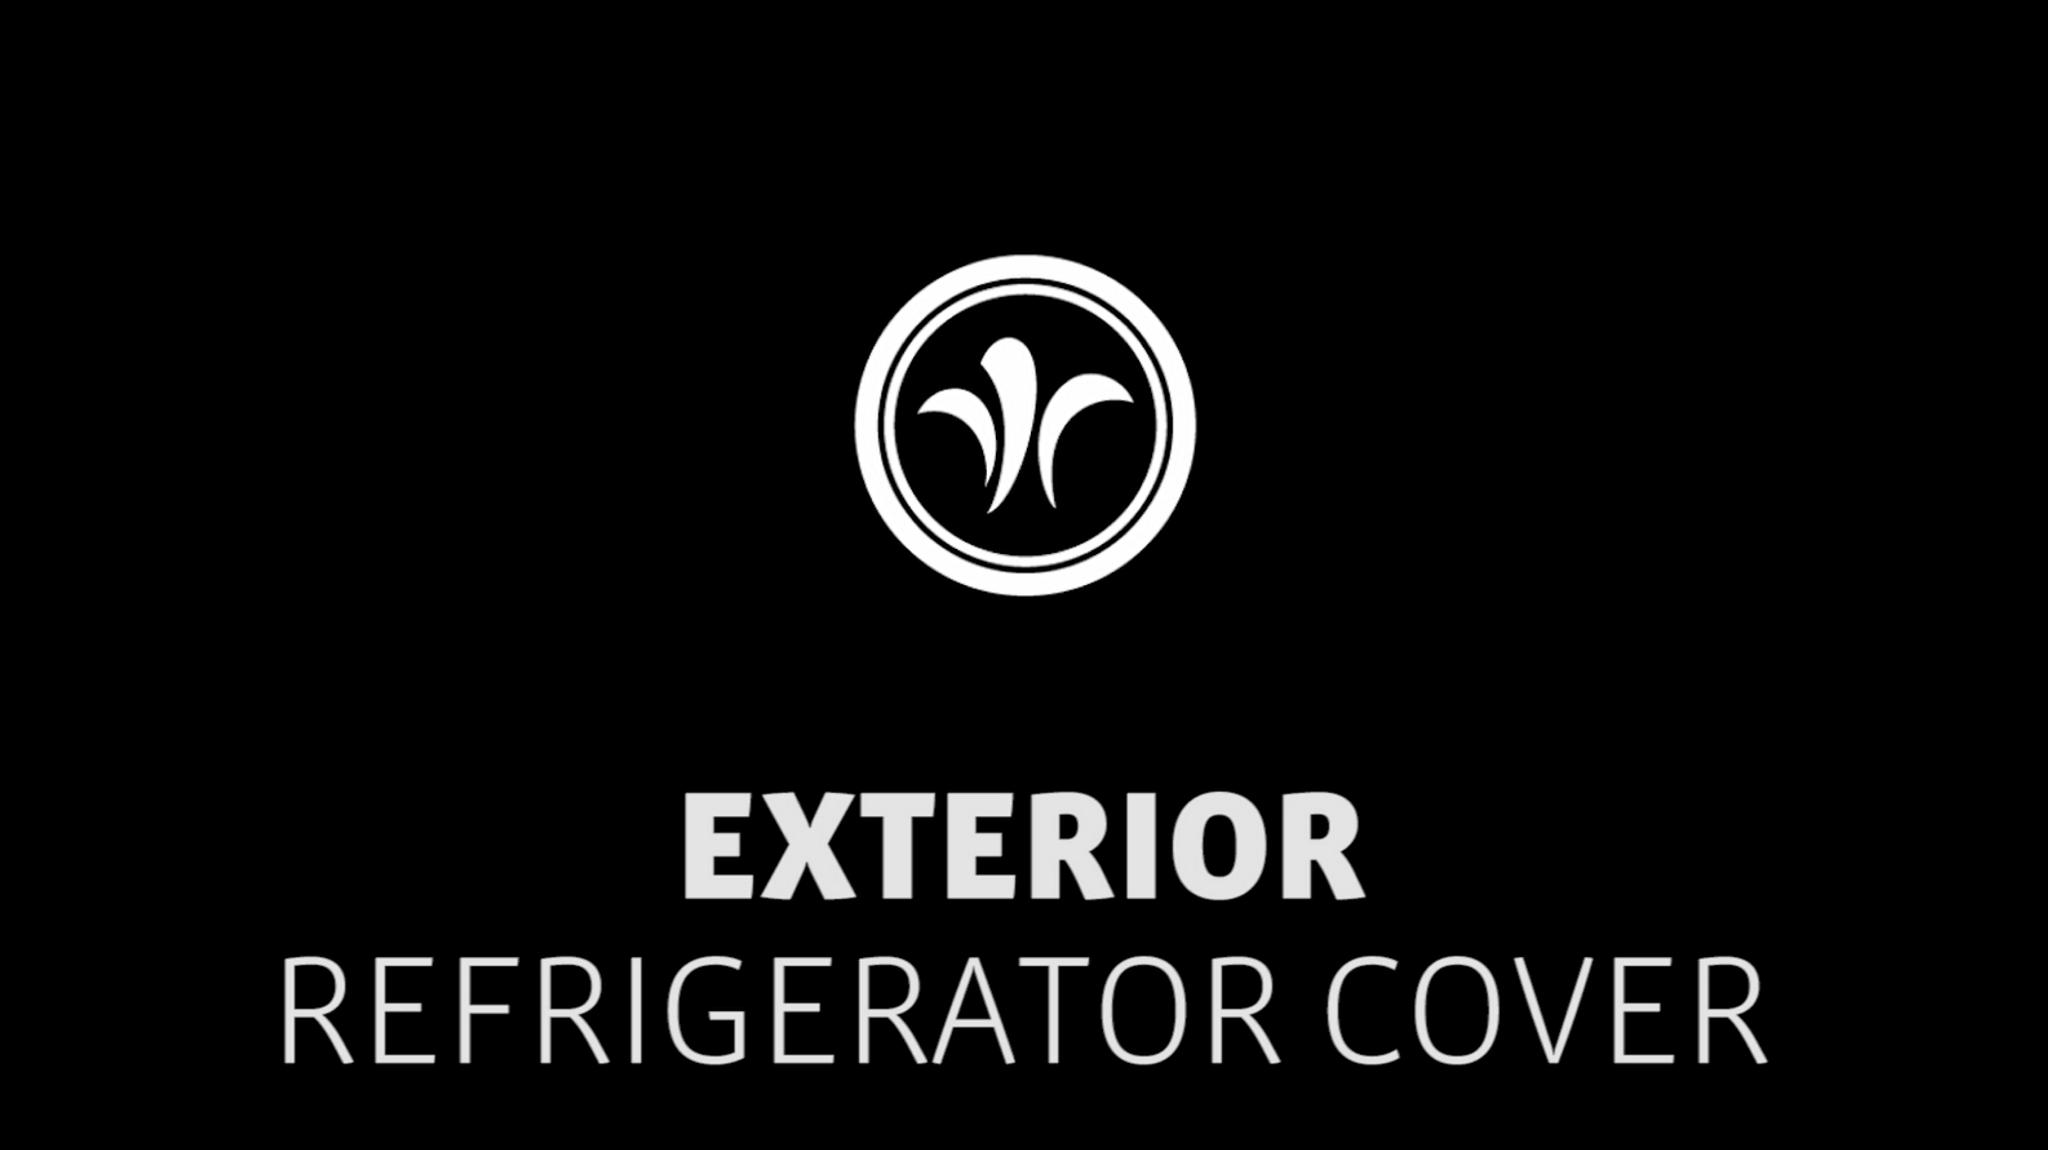 motorhome refrigerator cover // niesmann+bischoff - luxury motorhome (model FLAIR) // 2019 // EX7